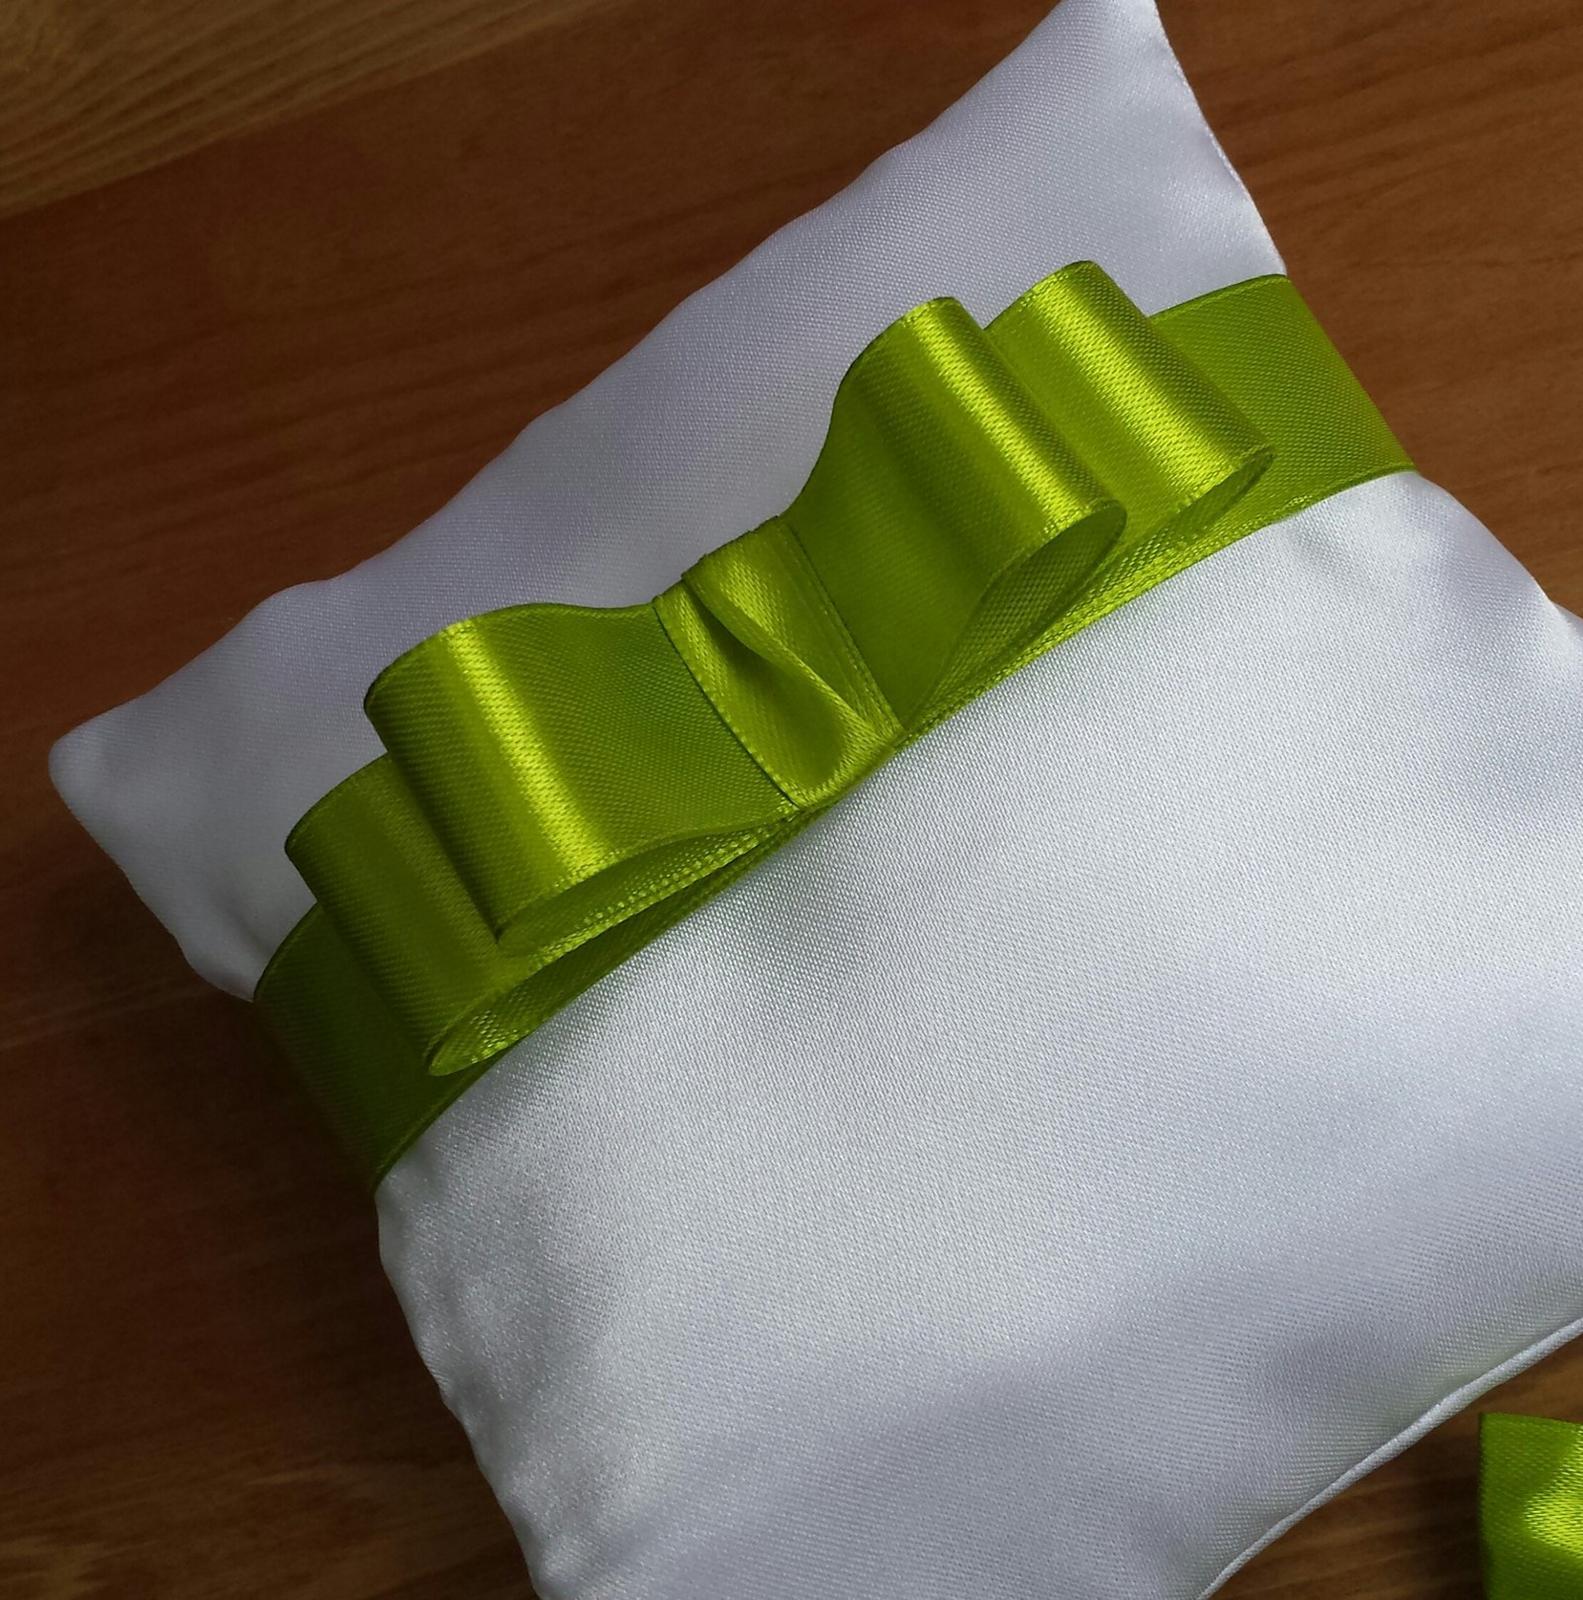 Bílý polštářek pod prstýnky s fialovou mašličkou - Obrázek č. 3